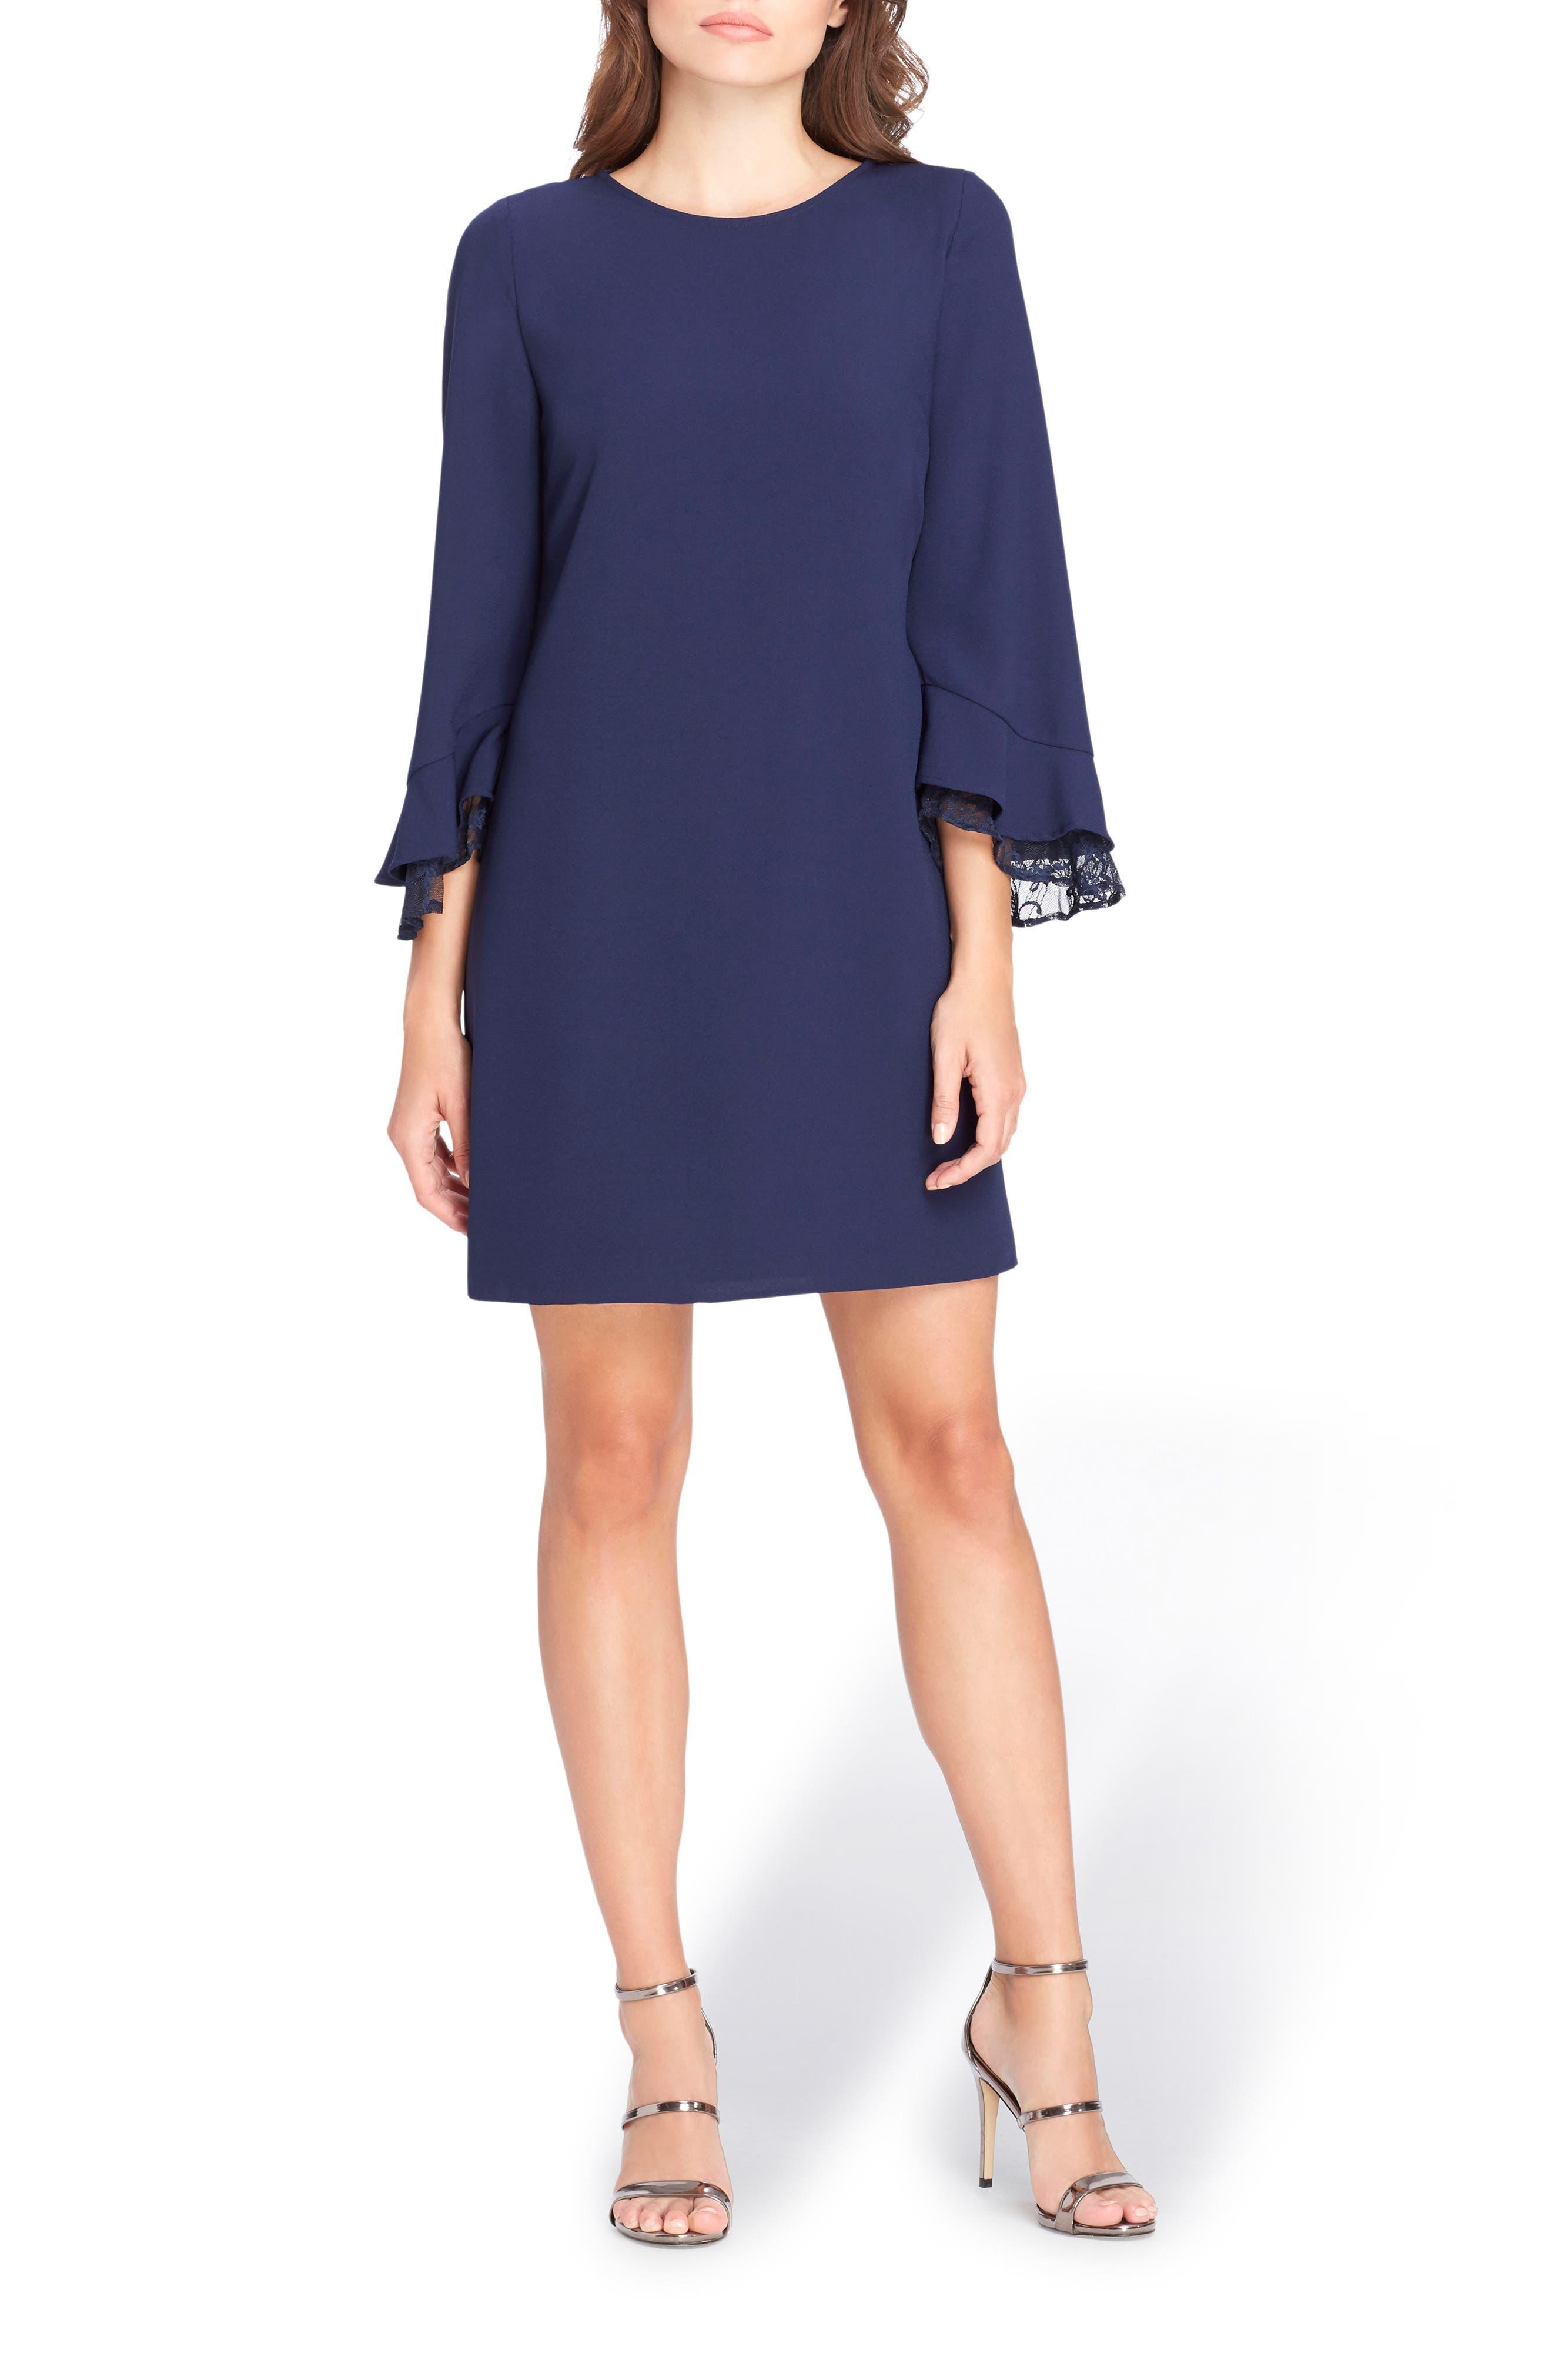 Tahari Lace Detail Crepe Shift Dress (Petite)